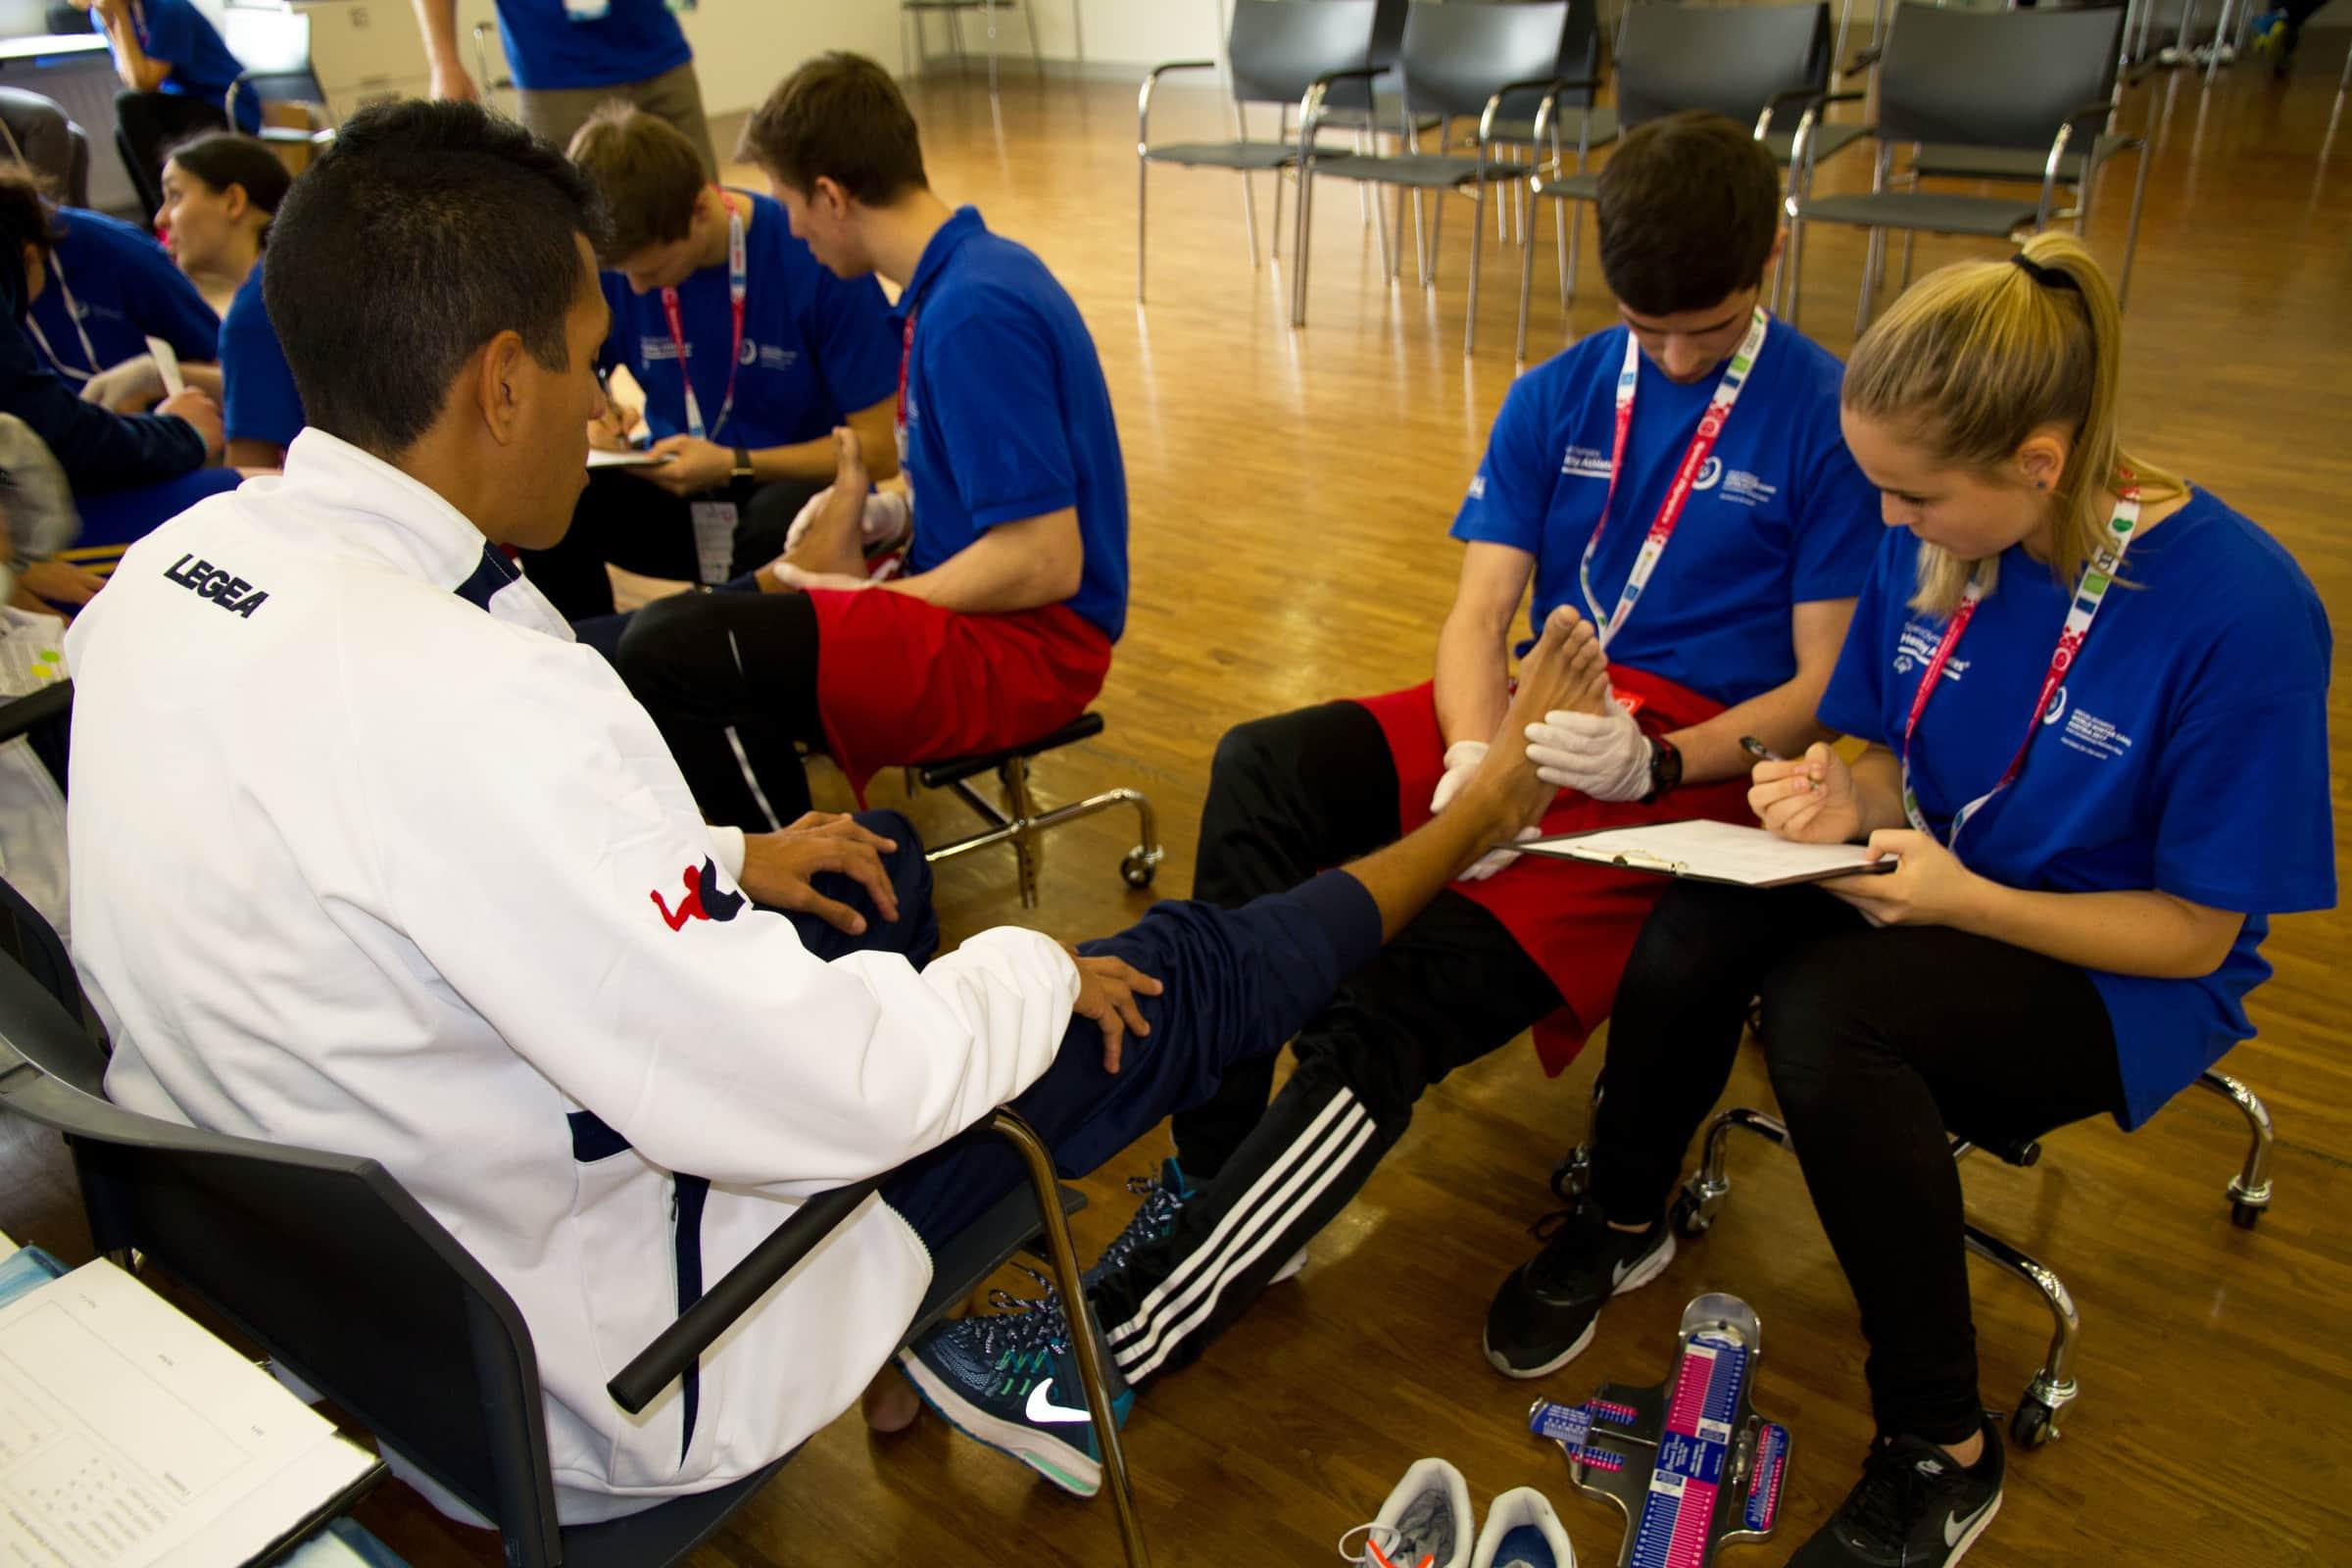 Mehr als 350 Studierende und MitarbeiterInnen der FH JOANNEUM checken beim Healthy Athletes Program die Gesundheit der SportlerInnen. (© FH JOANNEUM)